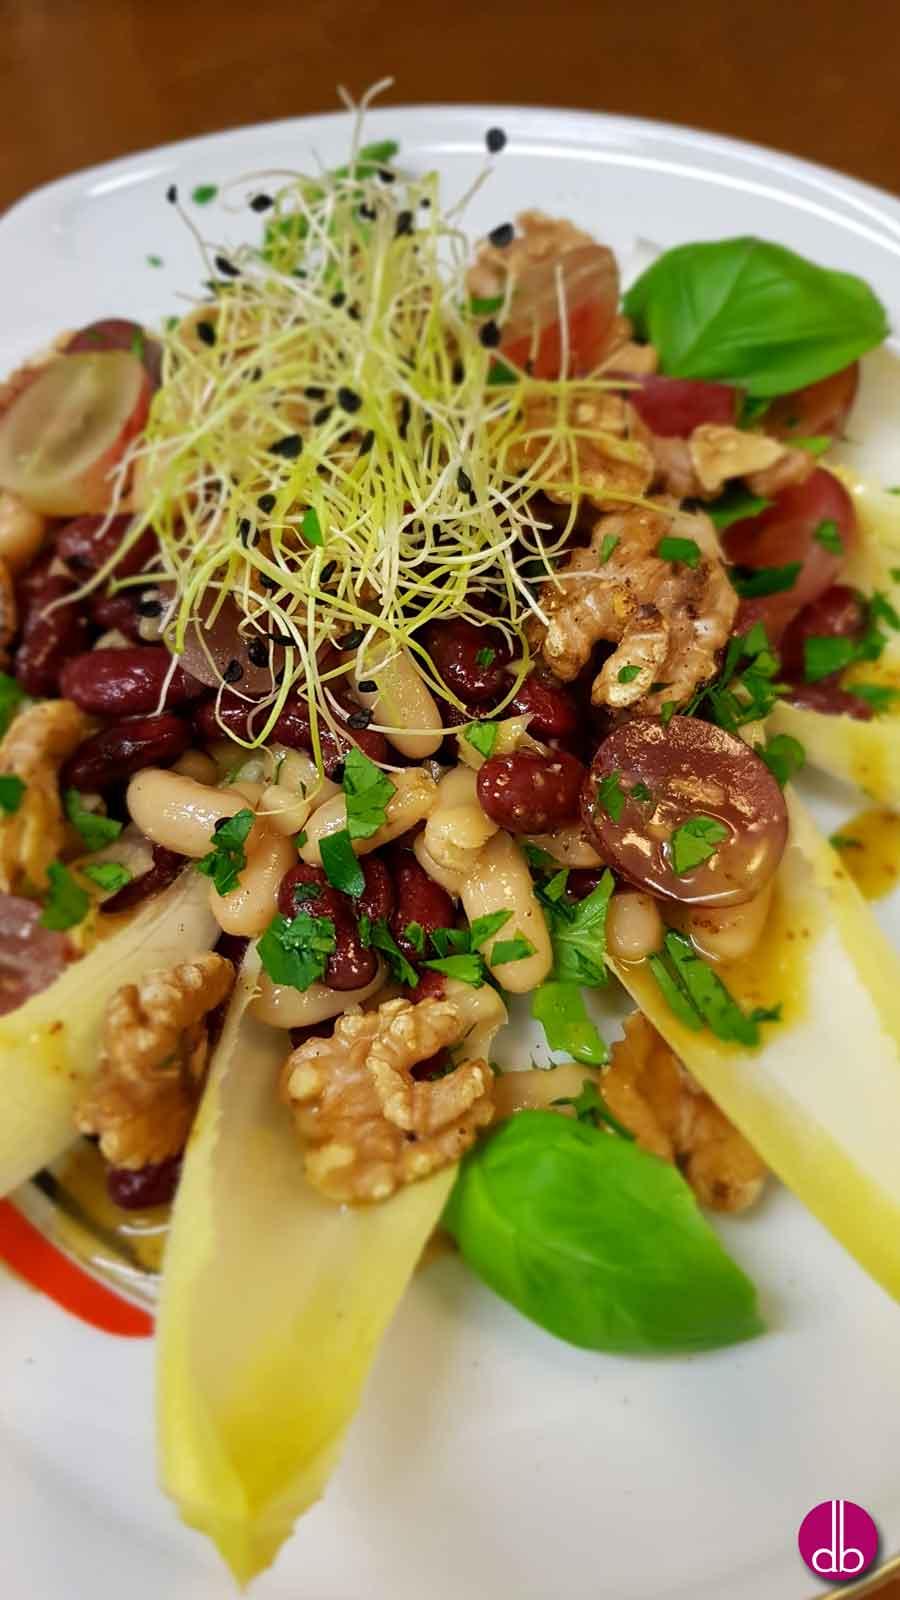 Rezept: Bohnen-Trauben-Salat mit Walnuss